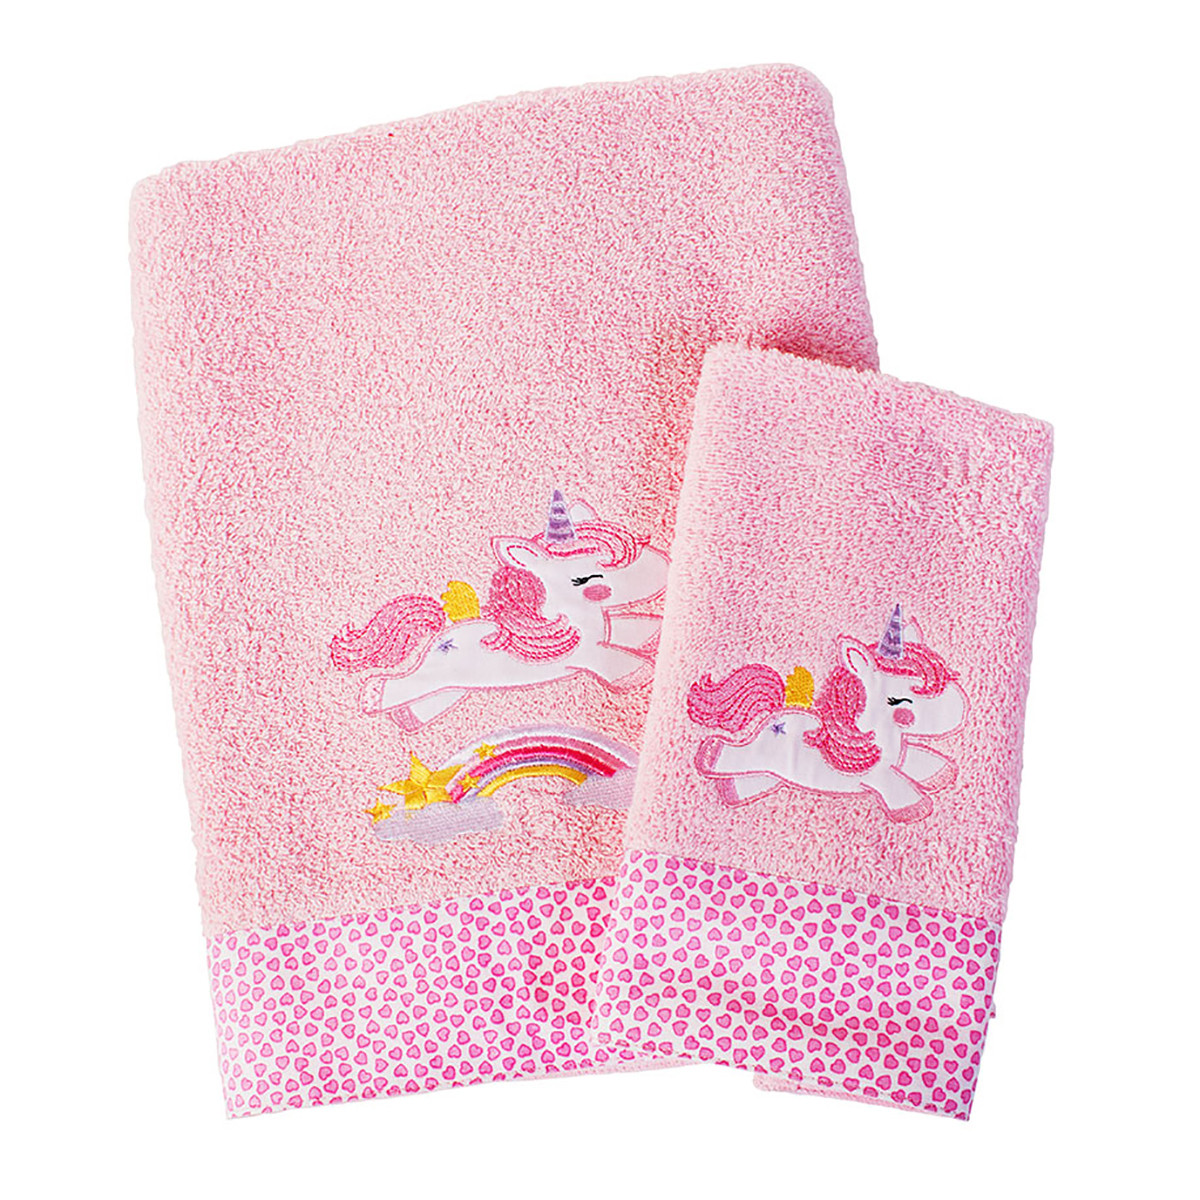 Βρεφικές Πετσέτες (Σετ 2τμχ) Dim Collection Unicorn 41 Ροζ